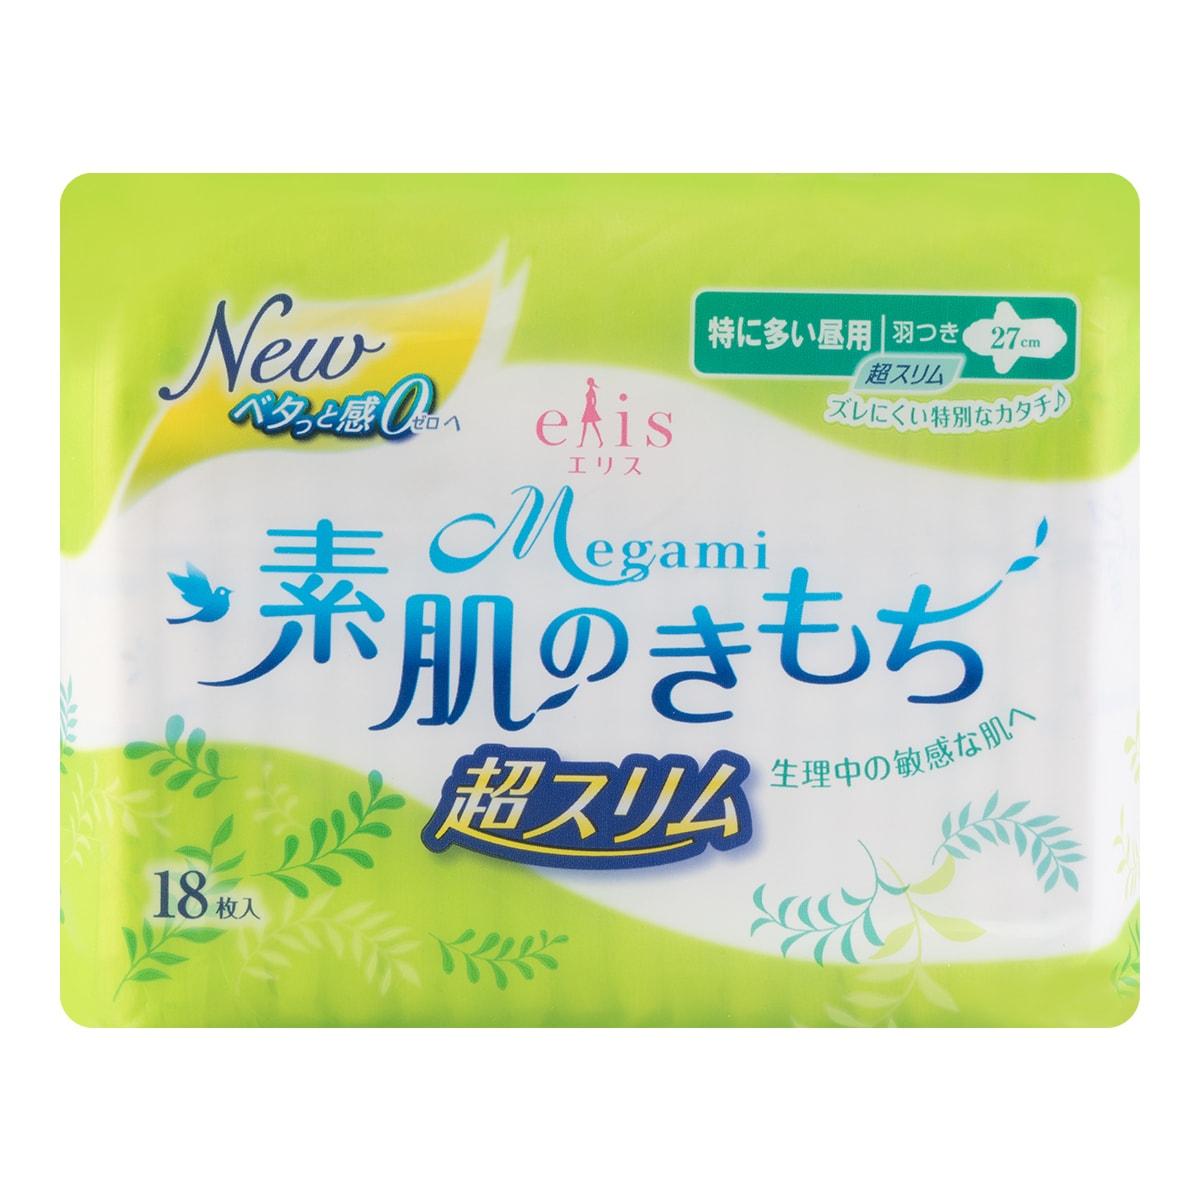 日本ELIS怡丽 MEGAMI 双翼全棉卫生巾 日用型 27cm 18片入